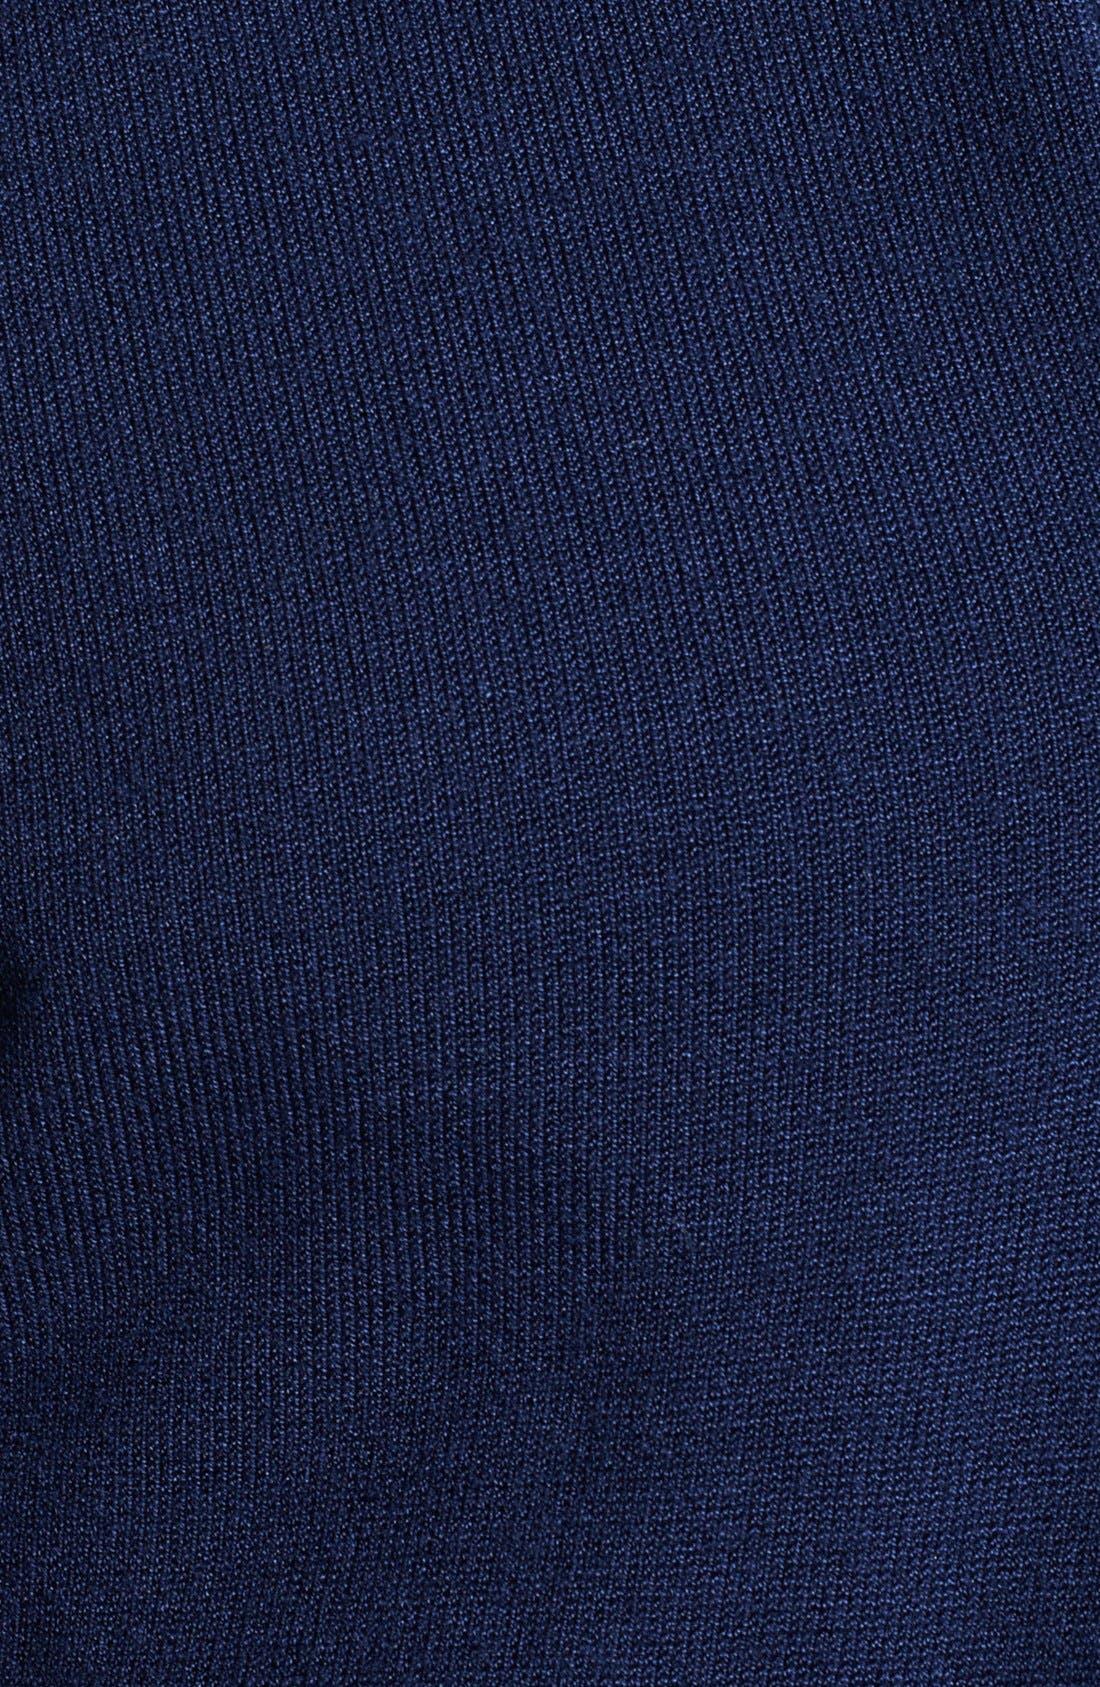 Armani Collezioni Shawl Collar Sweater,                             Alternate thumbnail 3, color,                             404